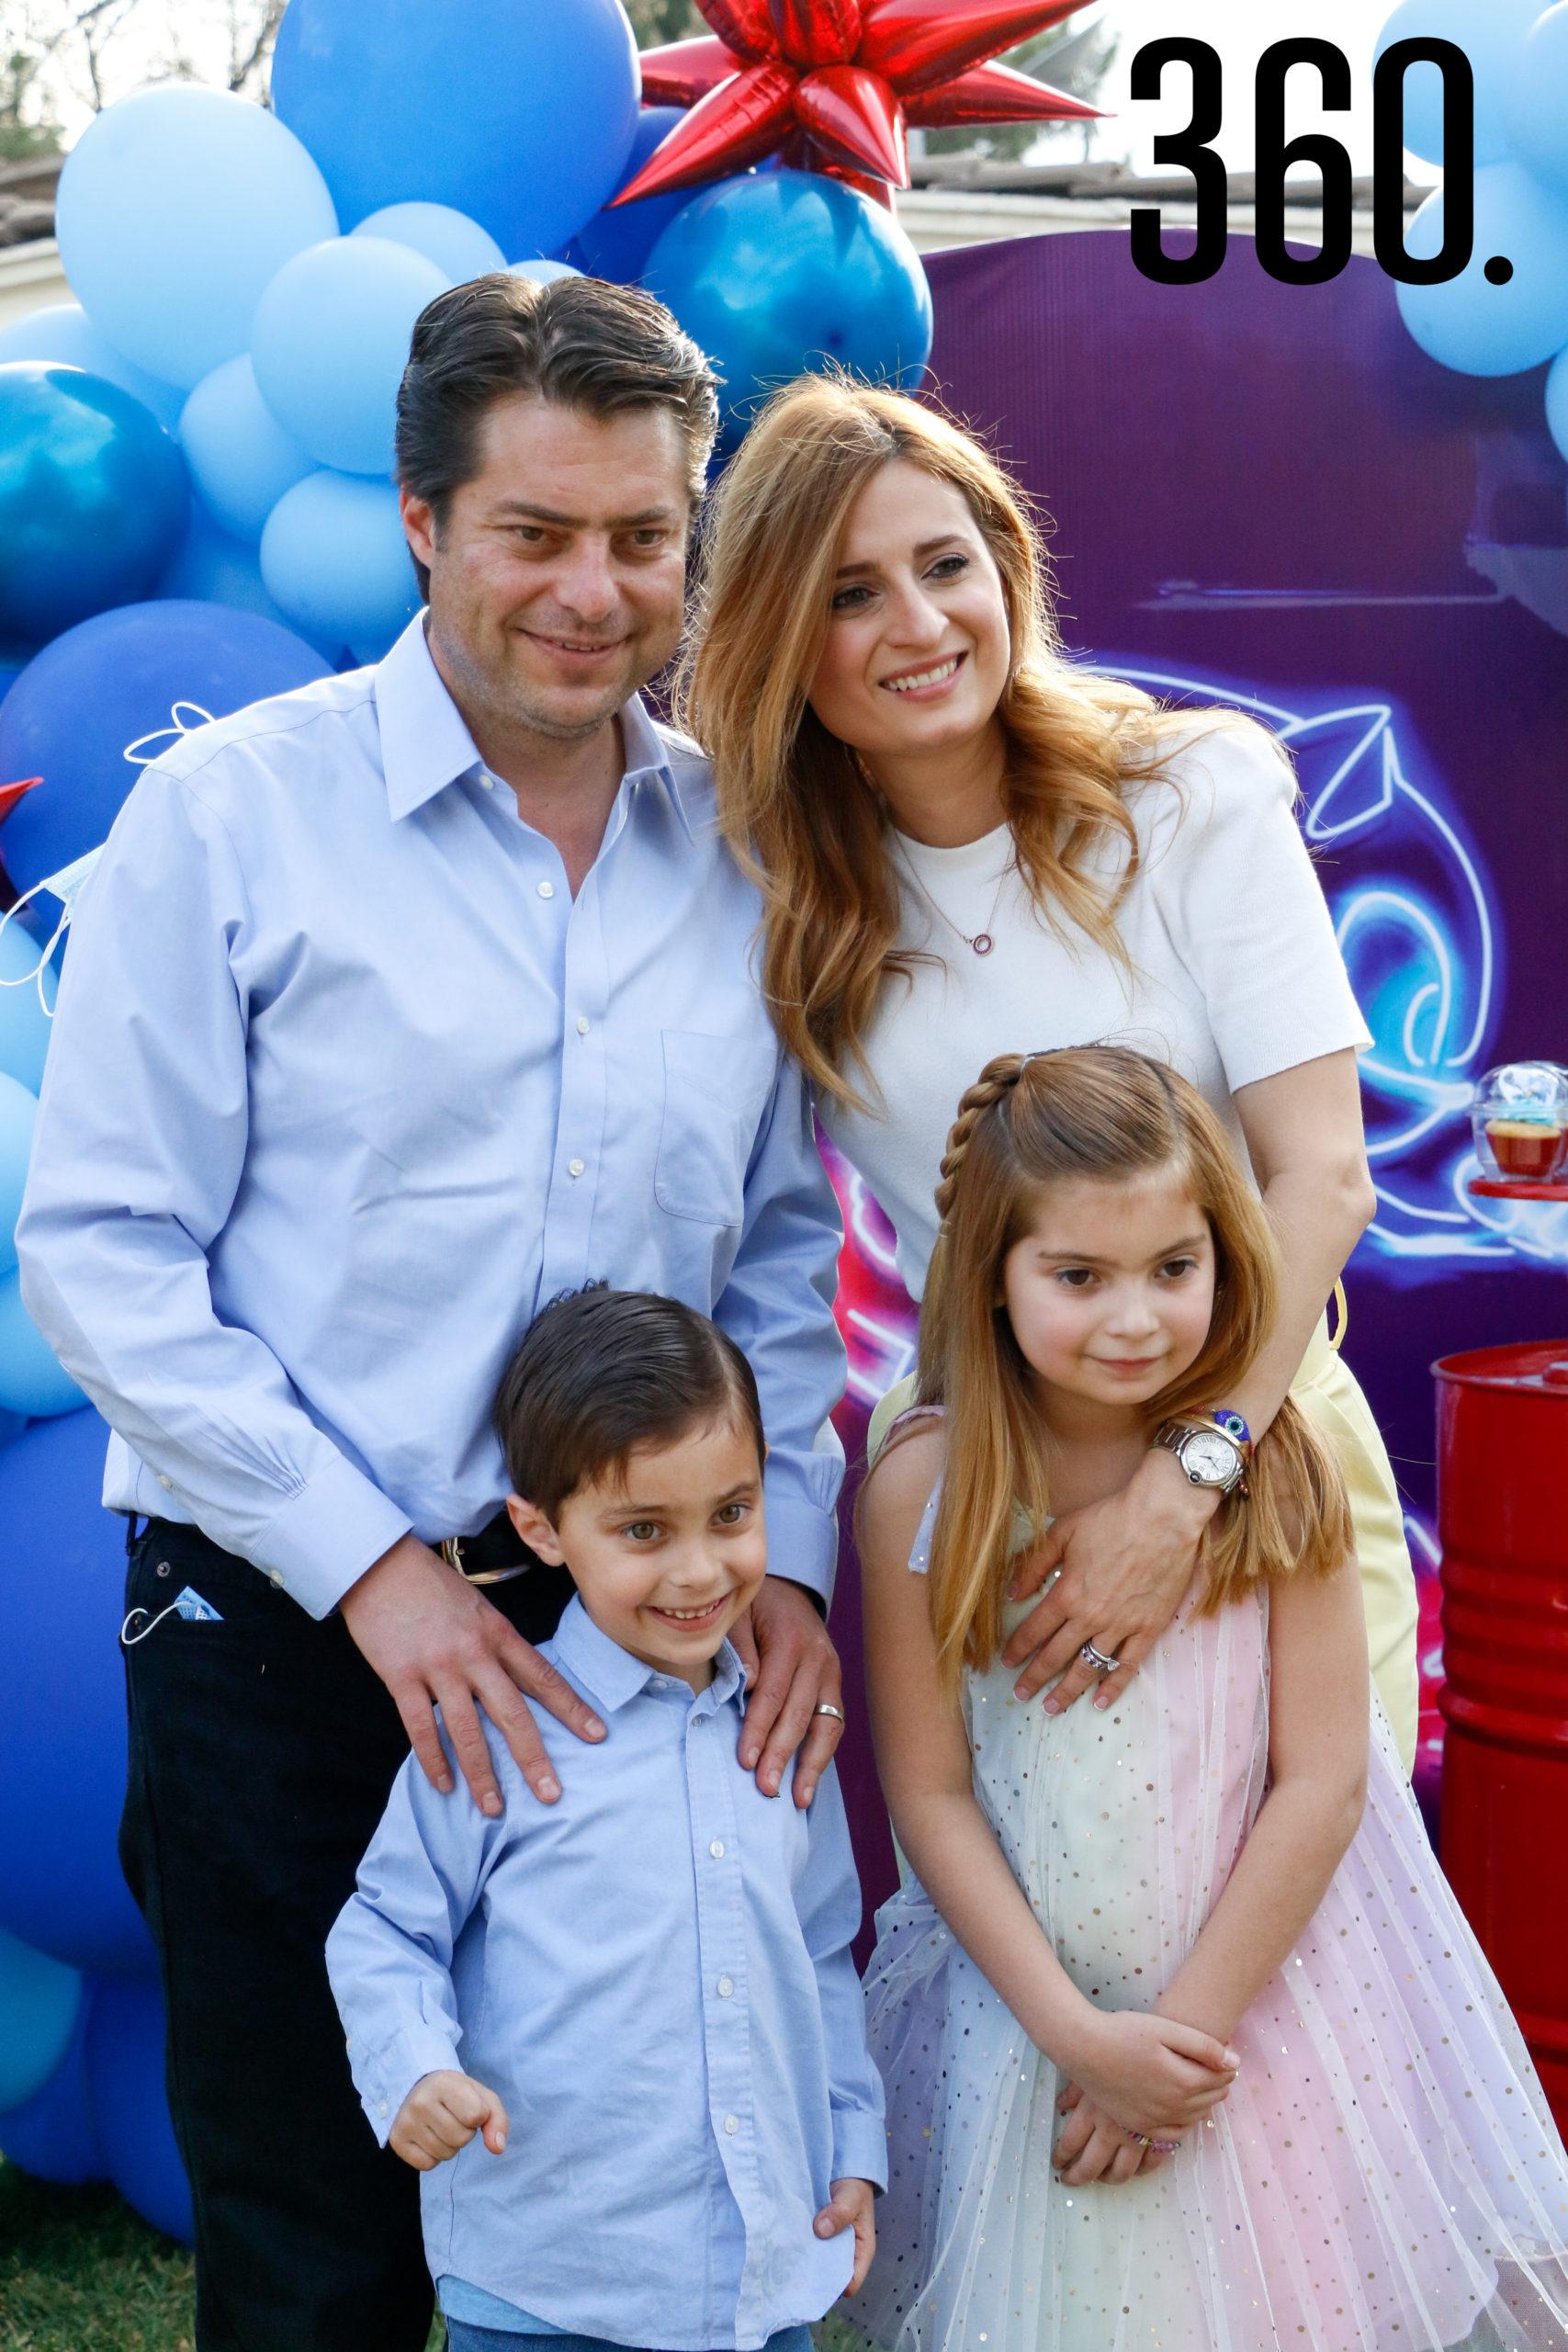 Enrique con sus papás y hermana, Enrique Martínez y Morales, Lilia Hiarmes y Lilia María Martínez.